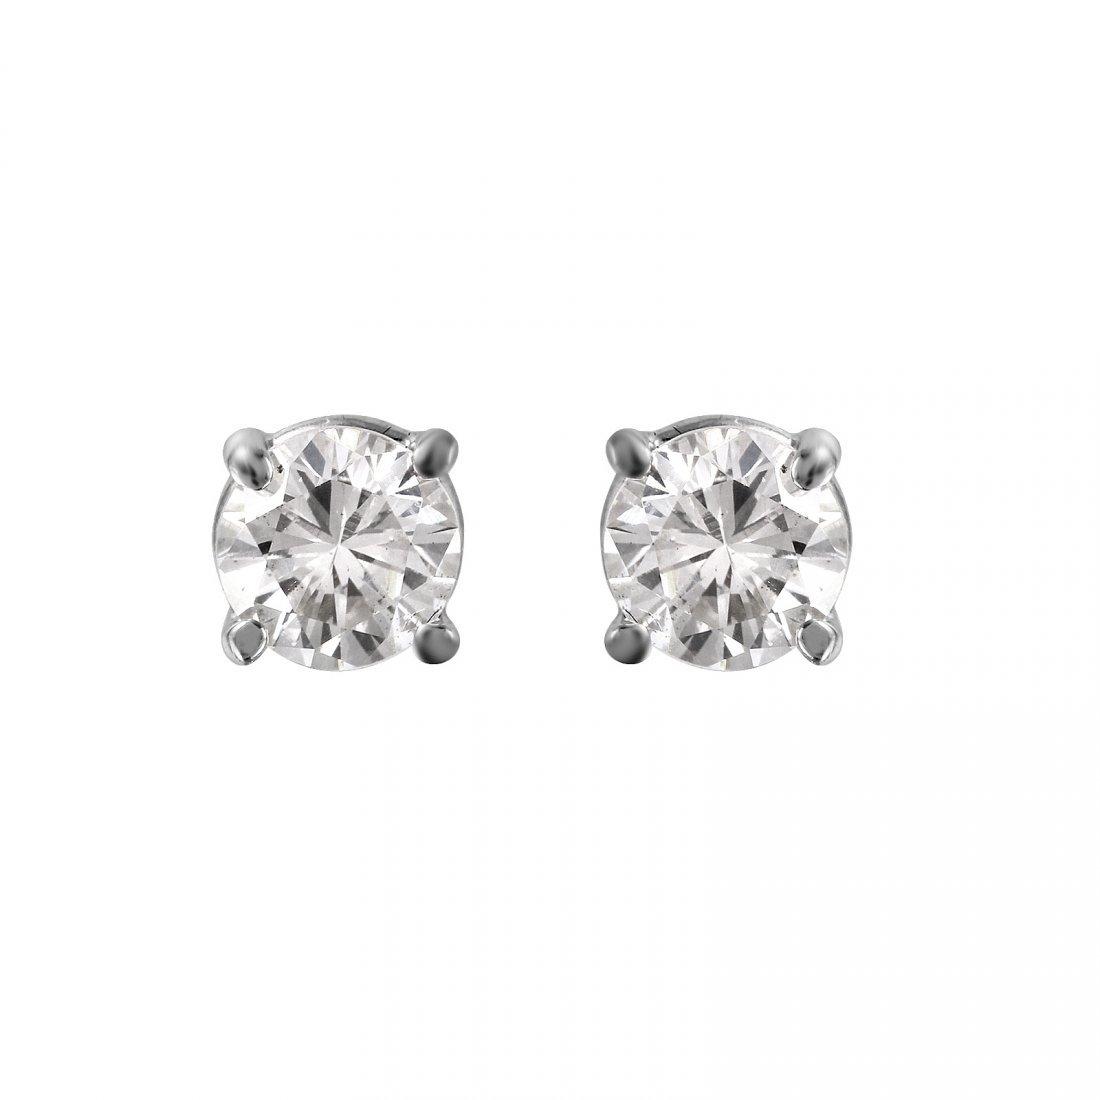 14KT White Gold Diamond Stud Earrings - #1693